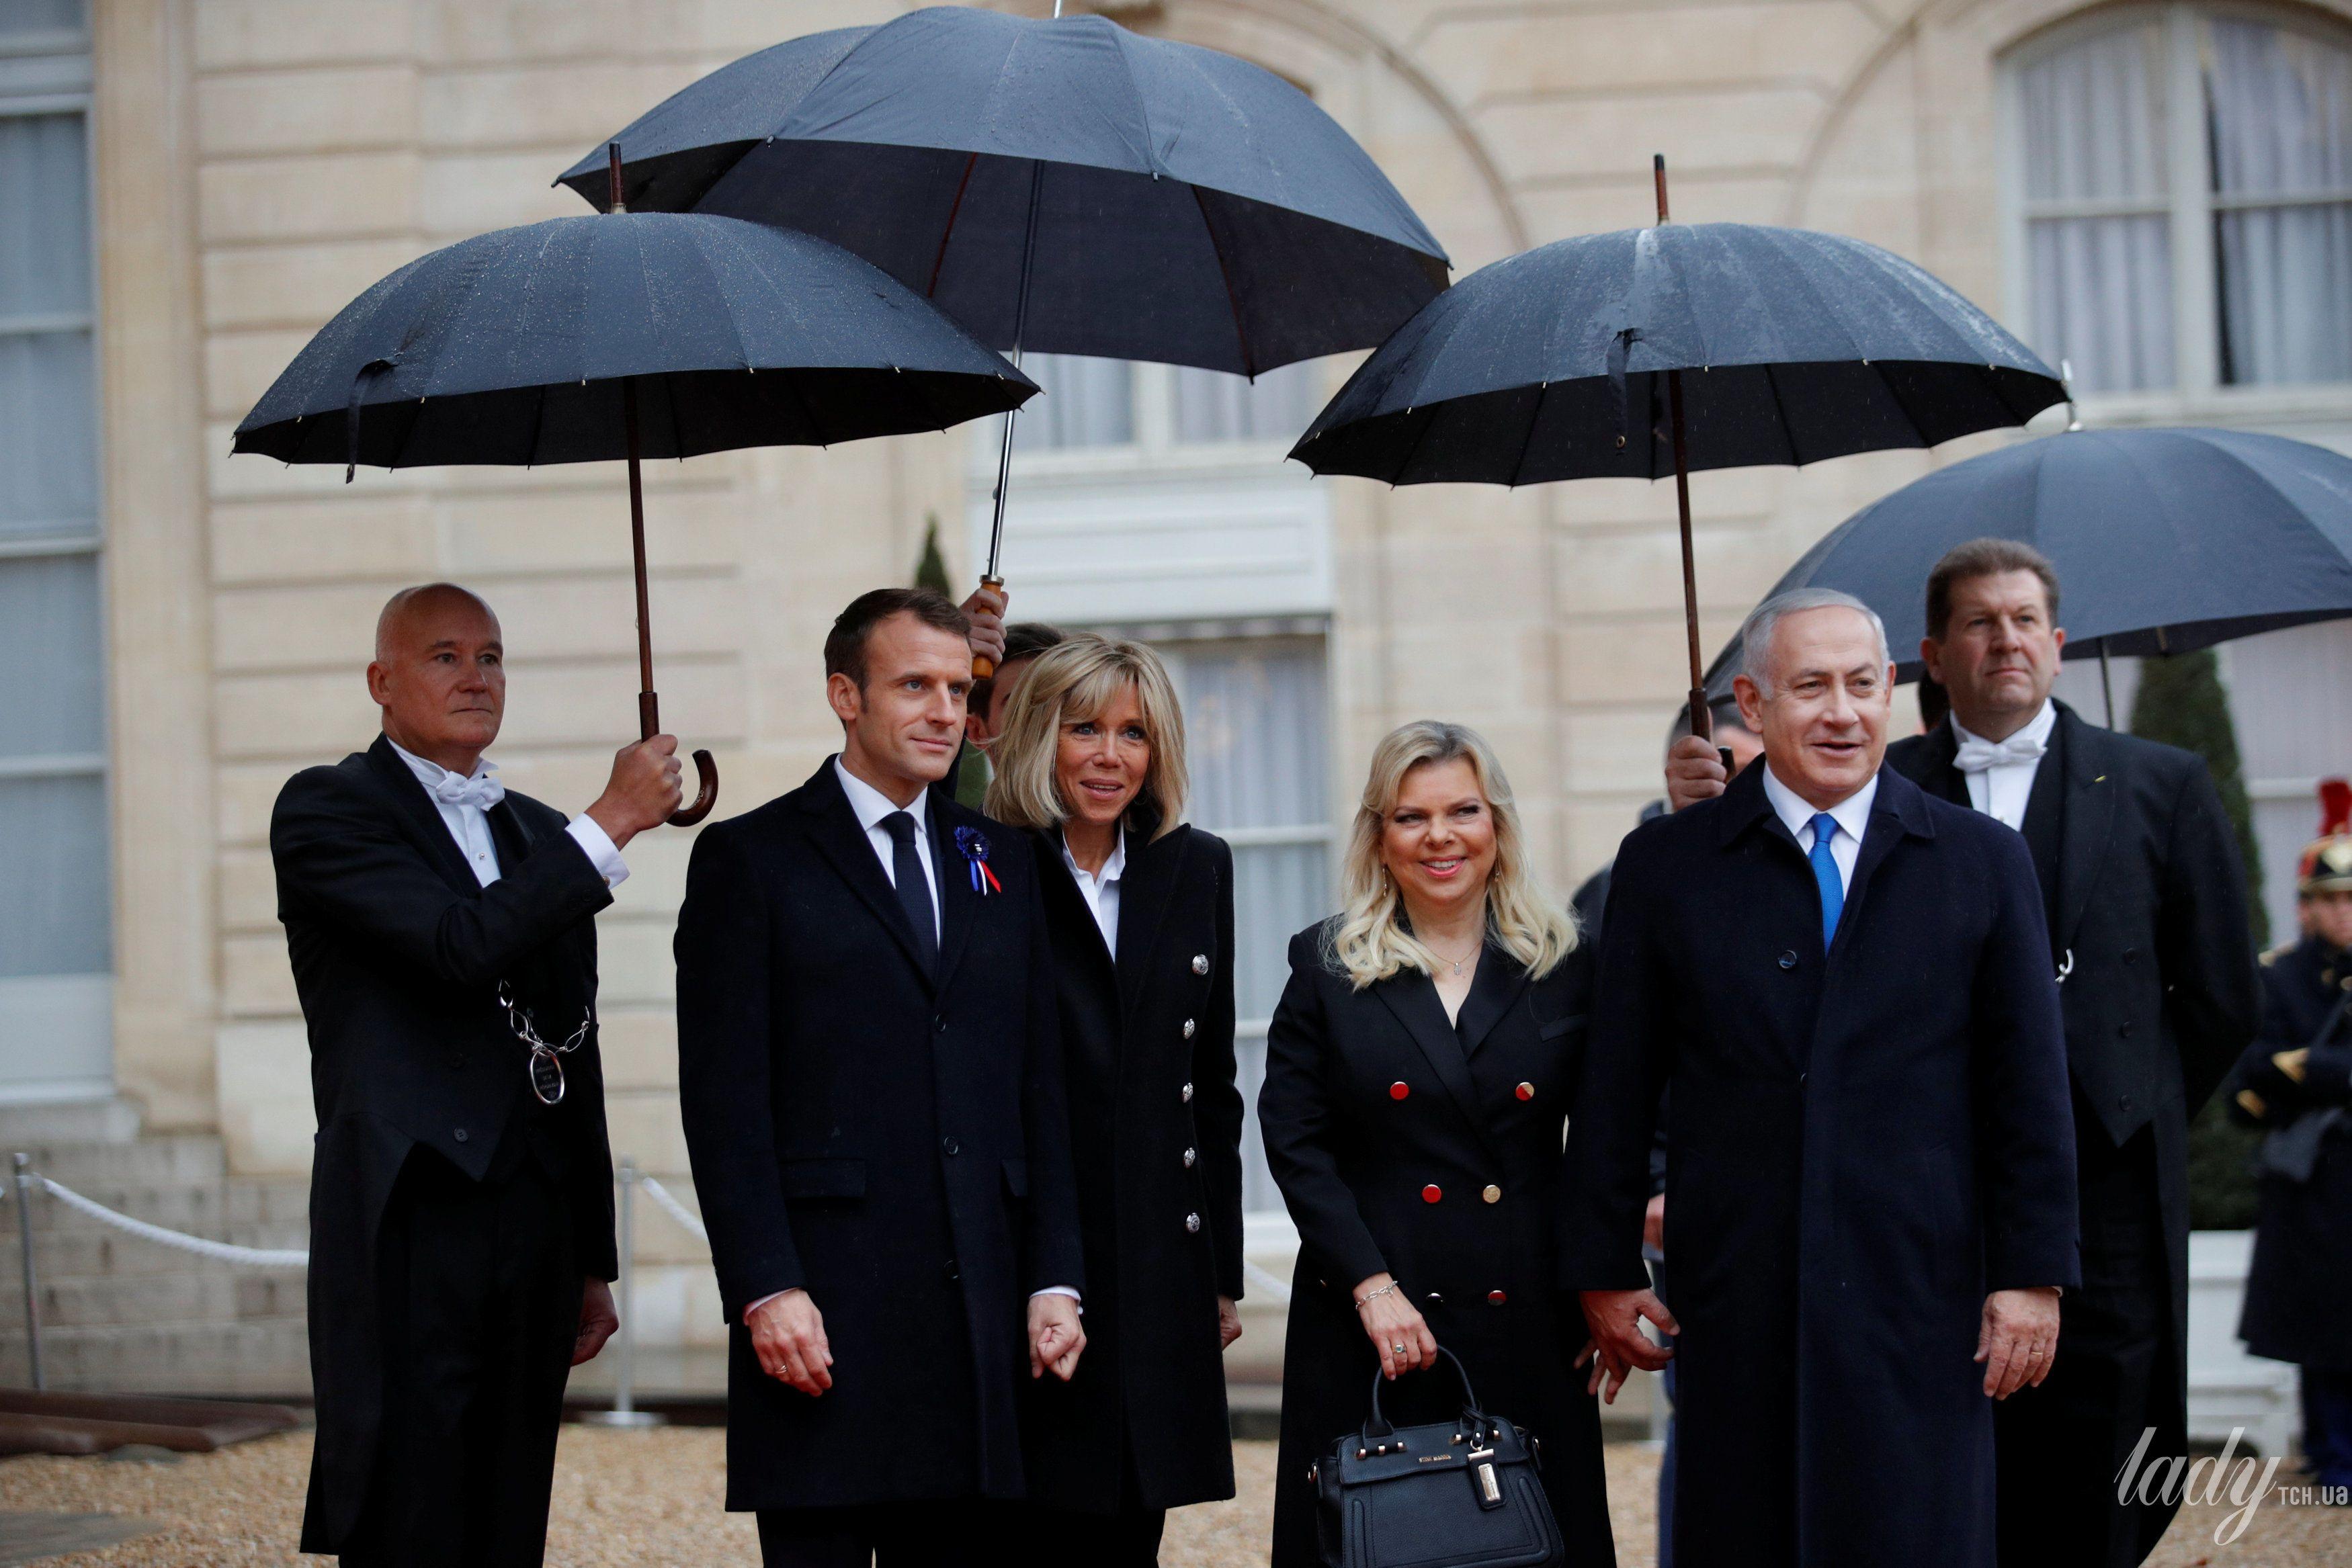 Жена премьер-министра Израиля Сара Нетаньяху_1